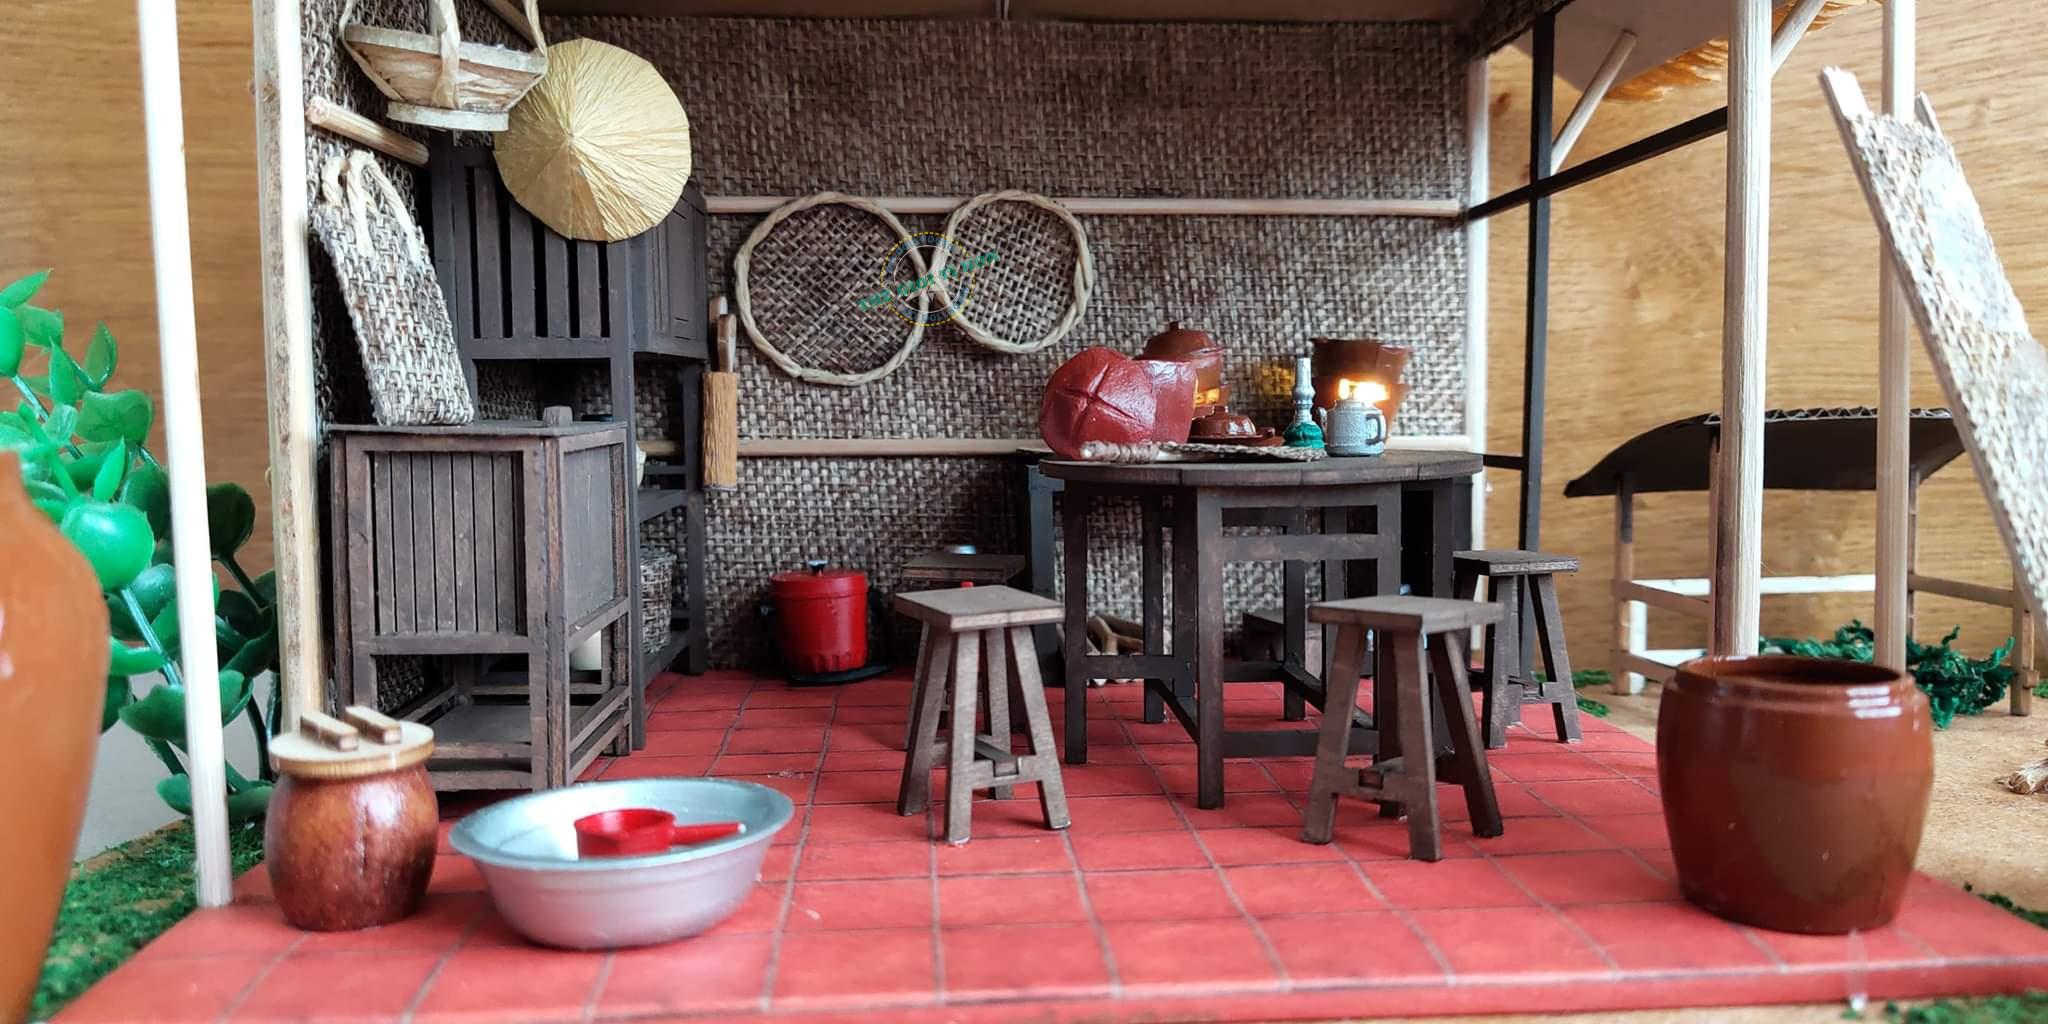 Thành Phẩm Mô Hình Bếp Miền Tây Thu Nhỏ Bằng Gỗ DIY Của Chị Nam Ngô - MT01